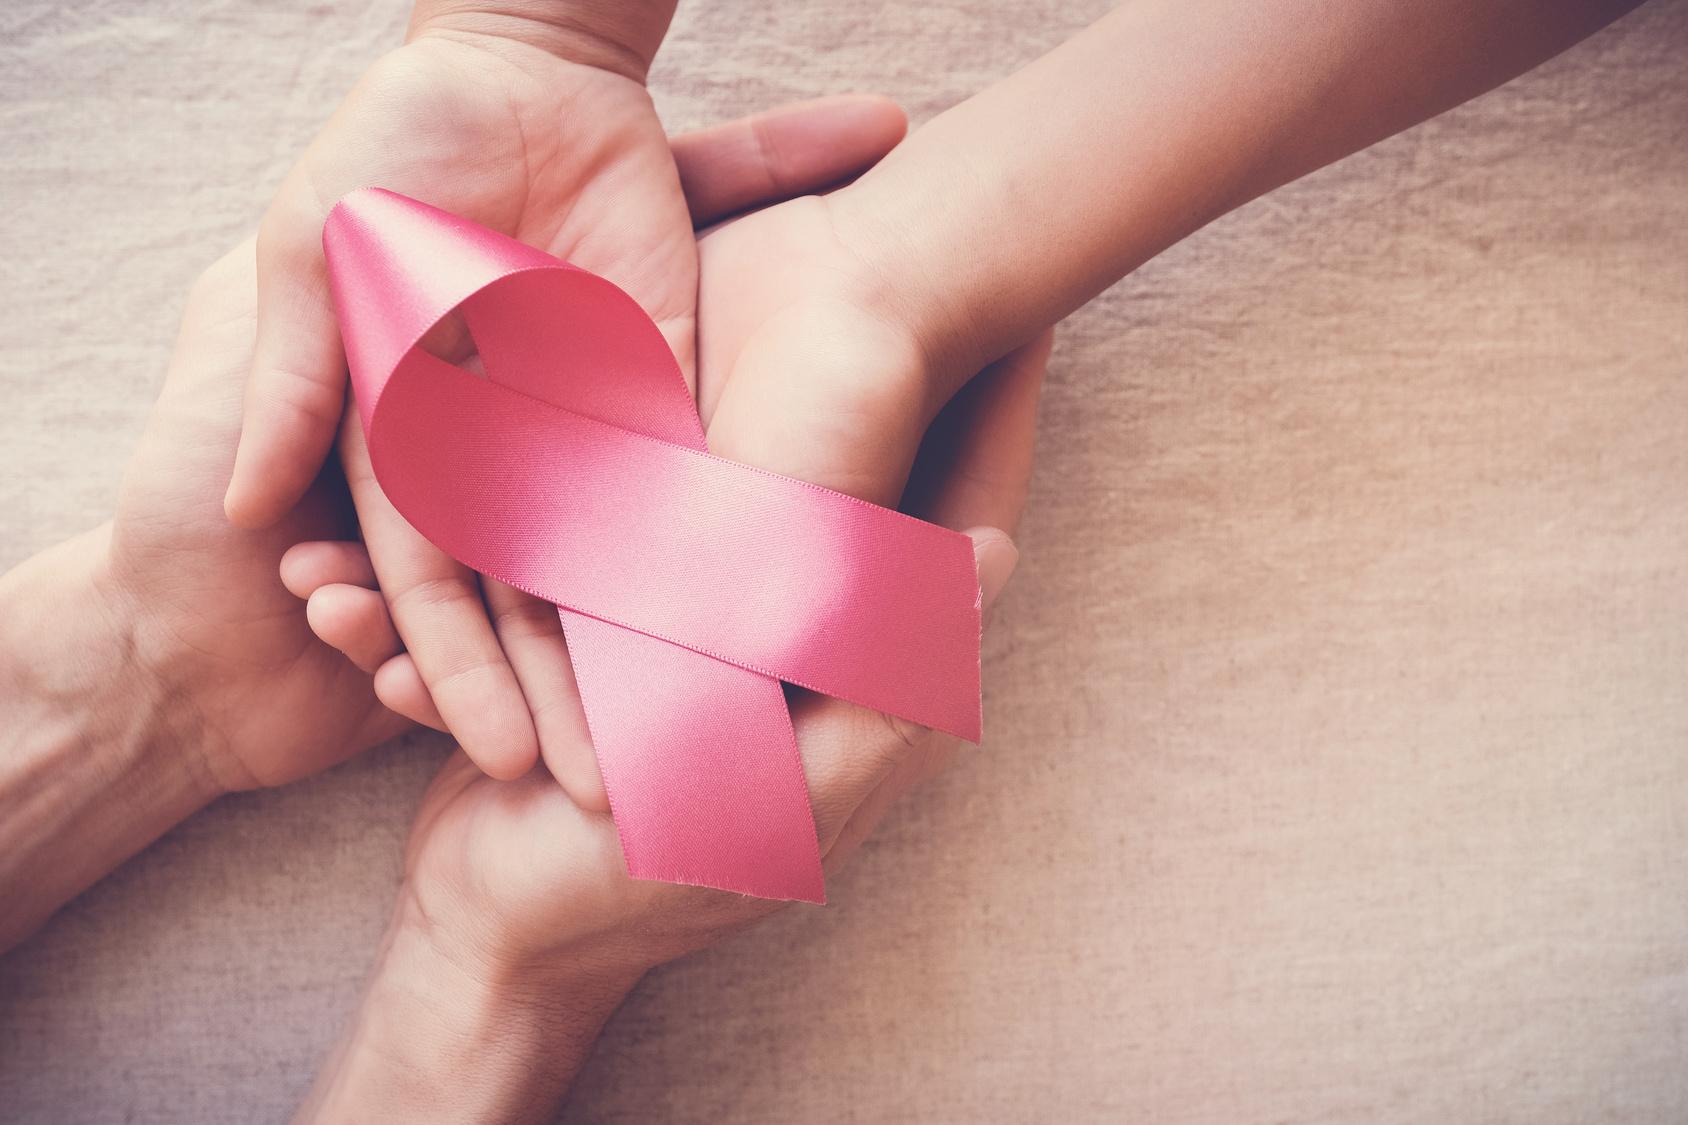 Le massage bien-être auprès des personnes touchées par un cancer ...